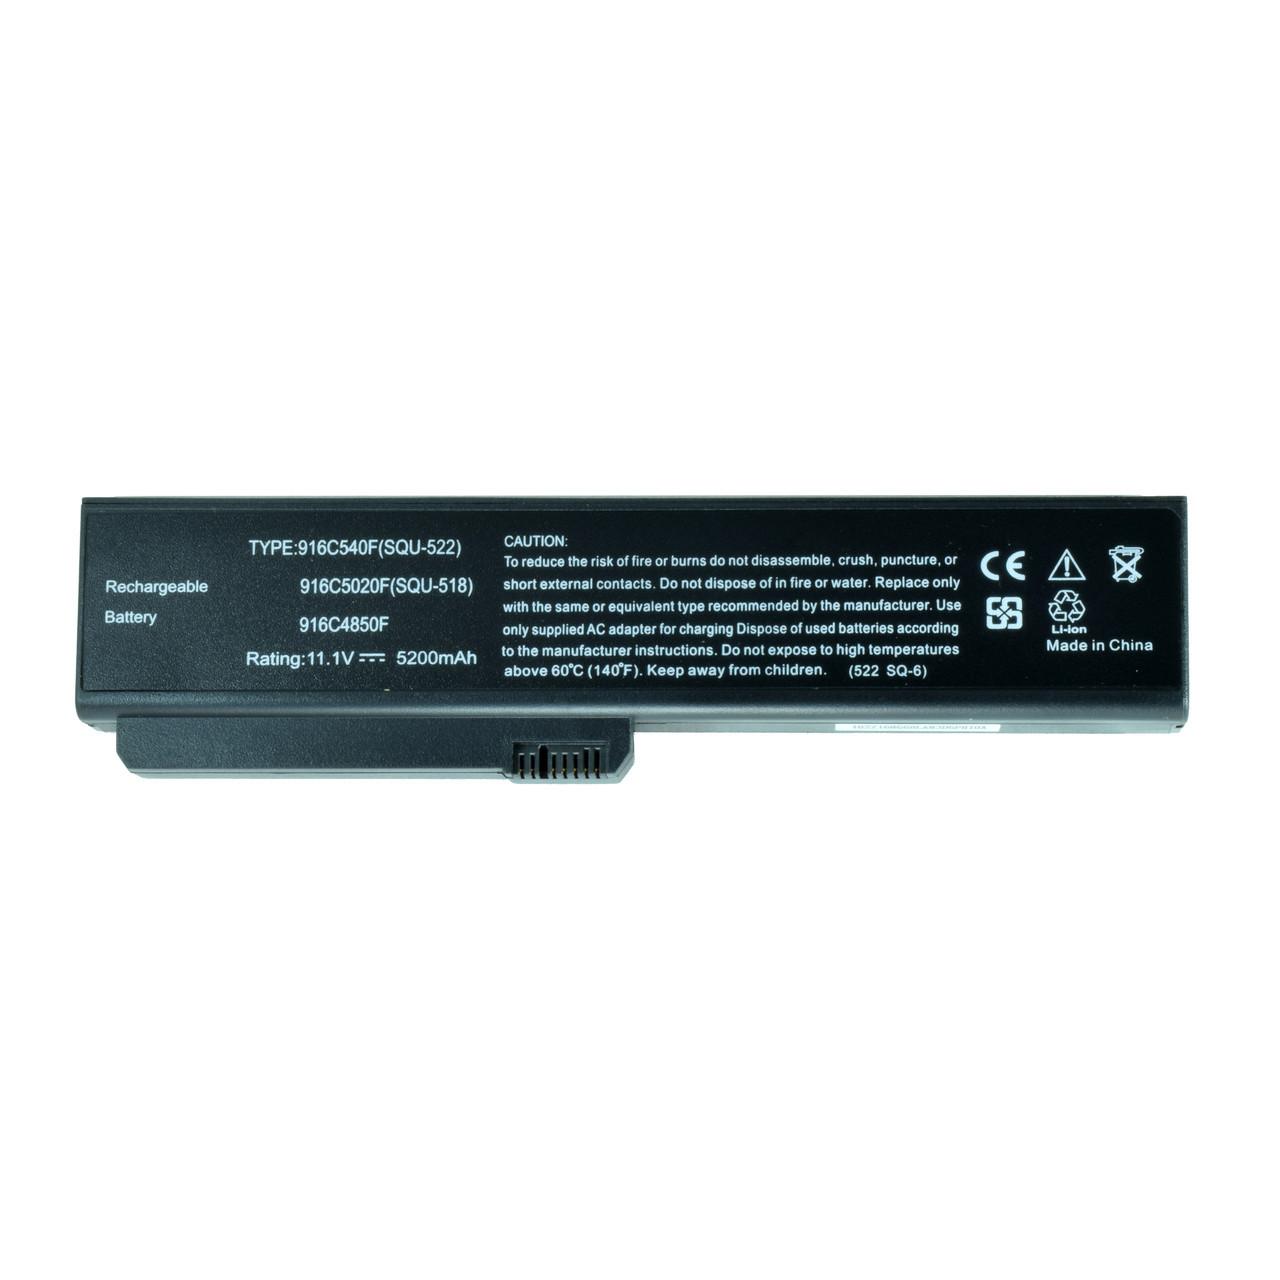 Батарея для ноутбука FUJITSU AW300C AW560 AW5500 AW355D S280S280N-055 F6125-L100